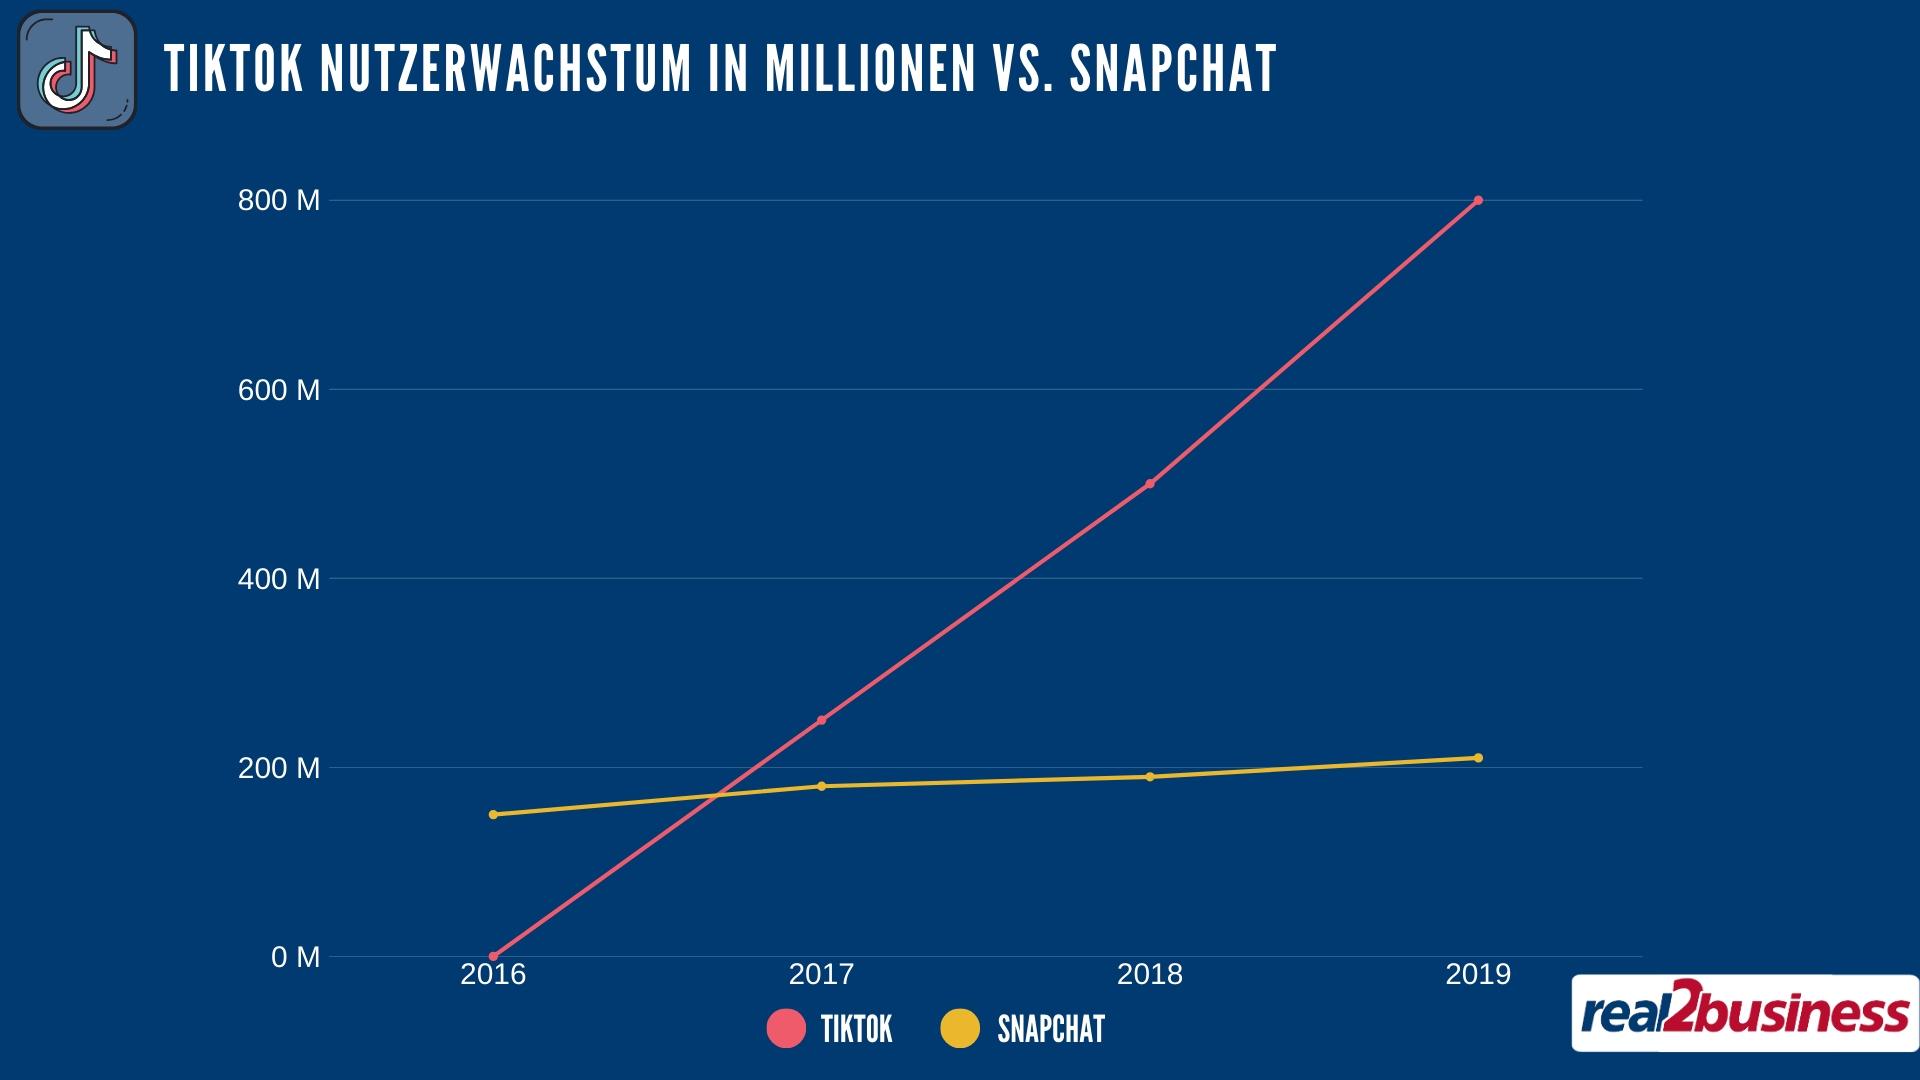 TikTok Entwicklung im Vergleich zu Snapchat